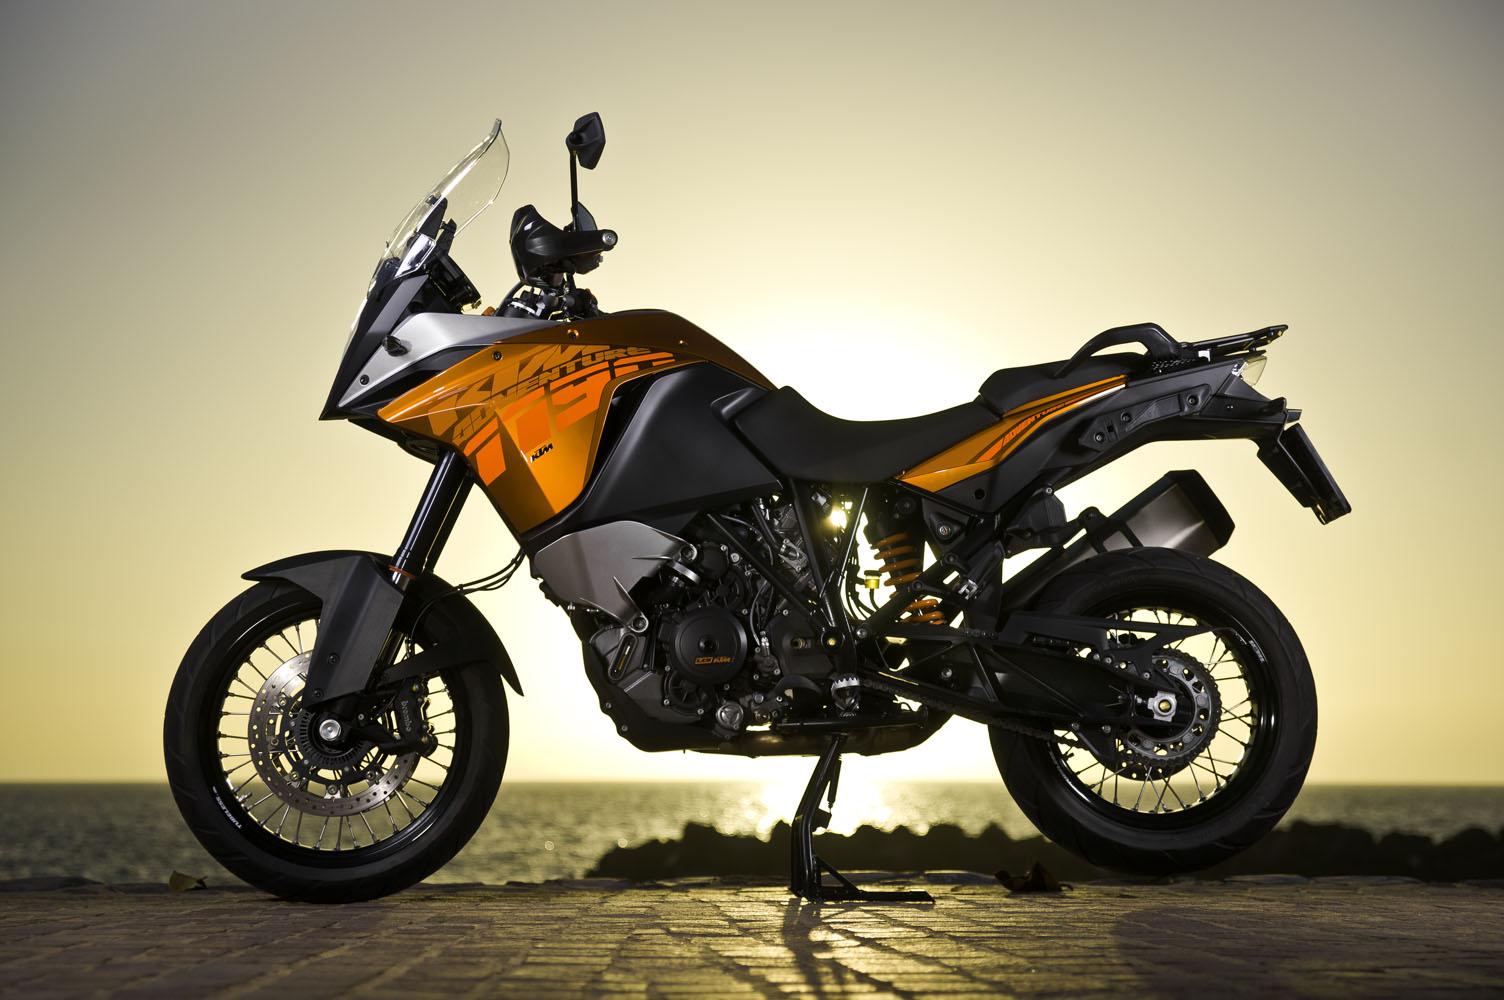 Top 10 Longest Range Bikes Visordown Ducati 800 Ss Wiring Diagram 9 Ktm 1190 Adventure